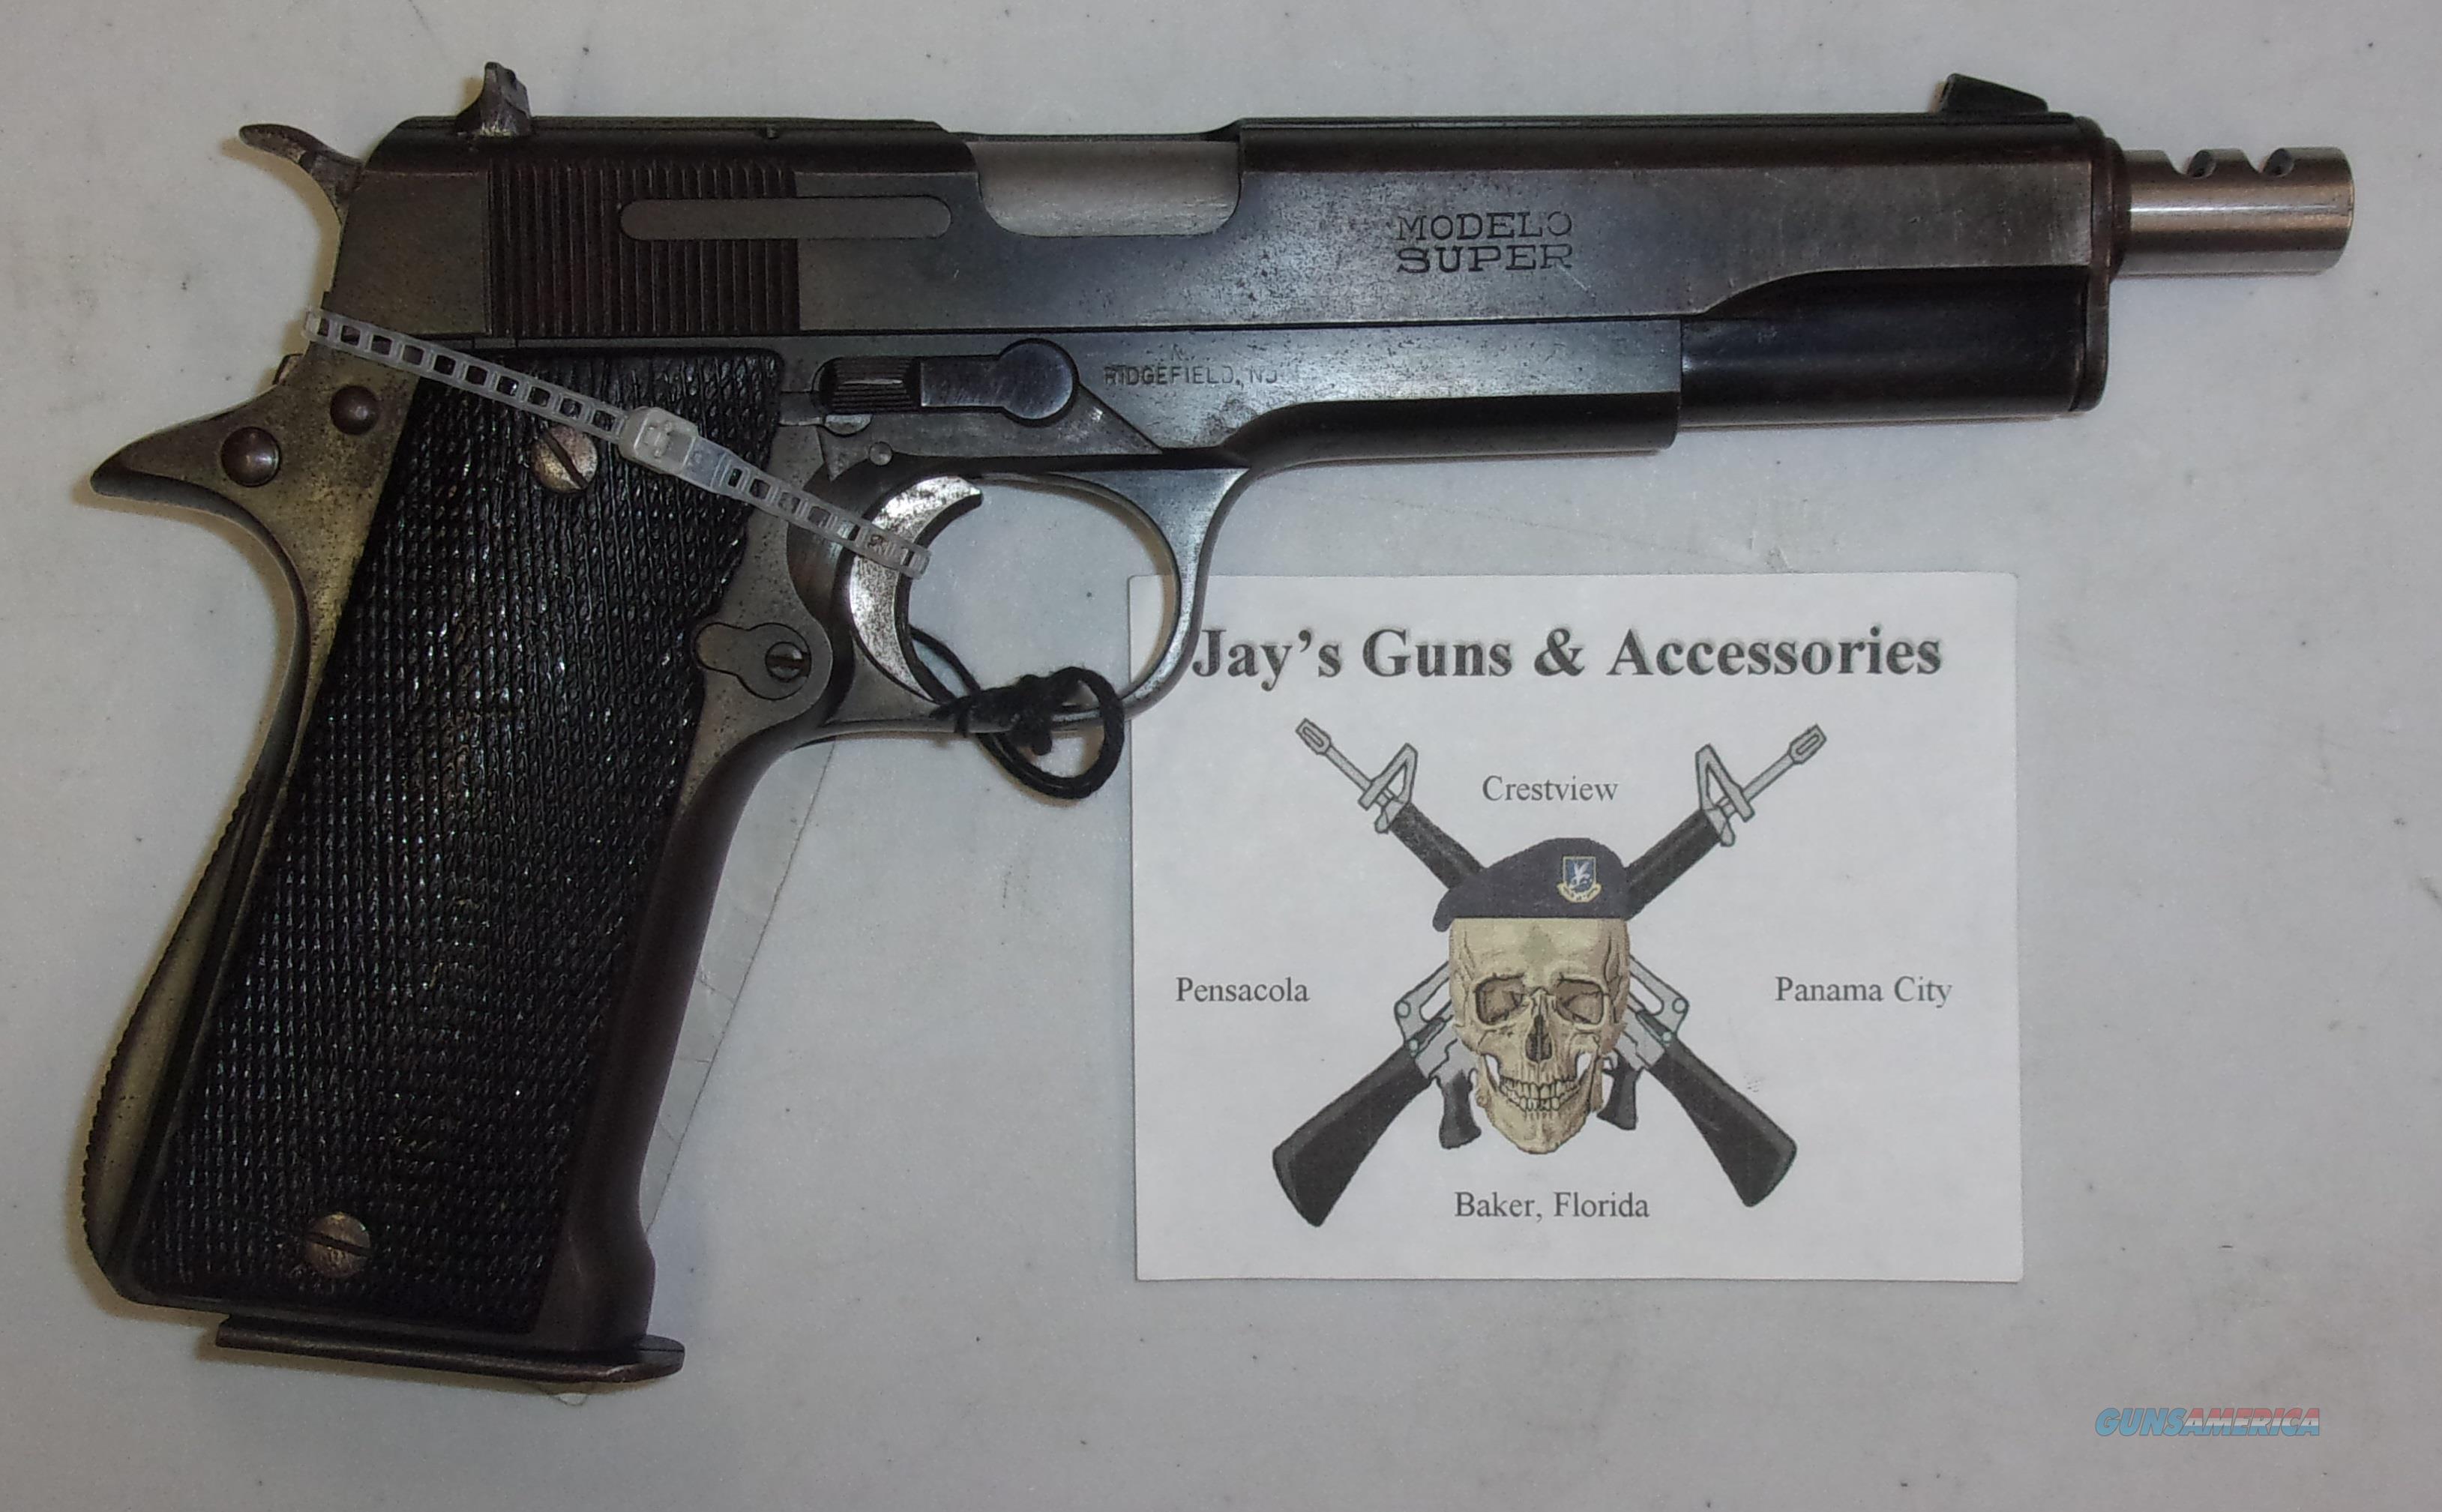 Star Super  Guns > Pistols > Star Pistols